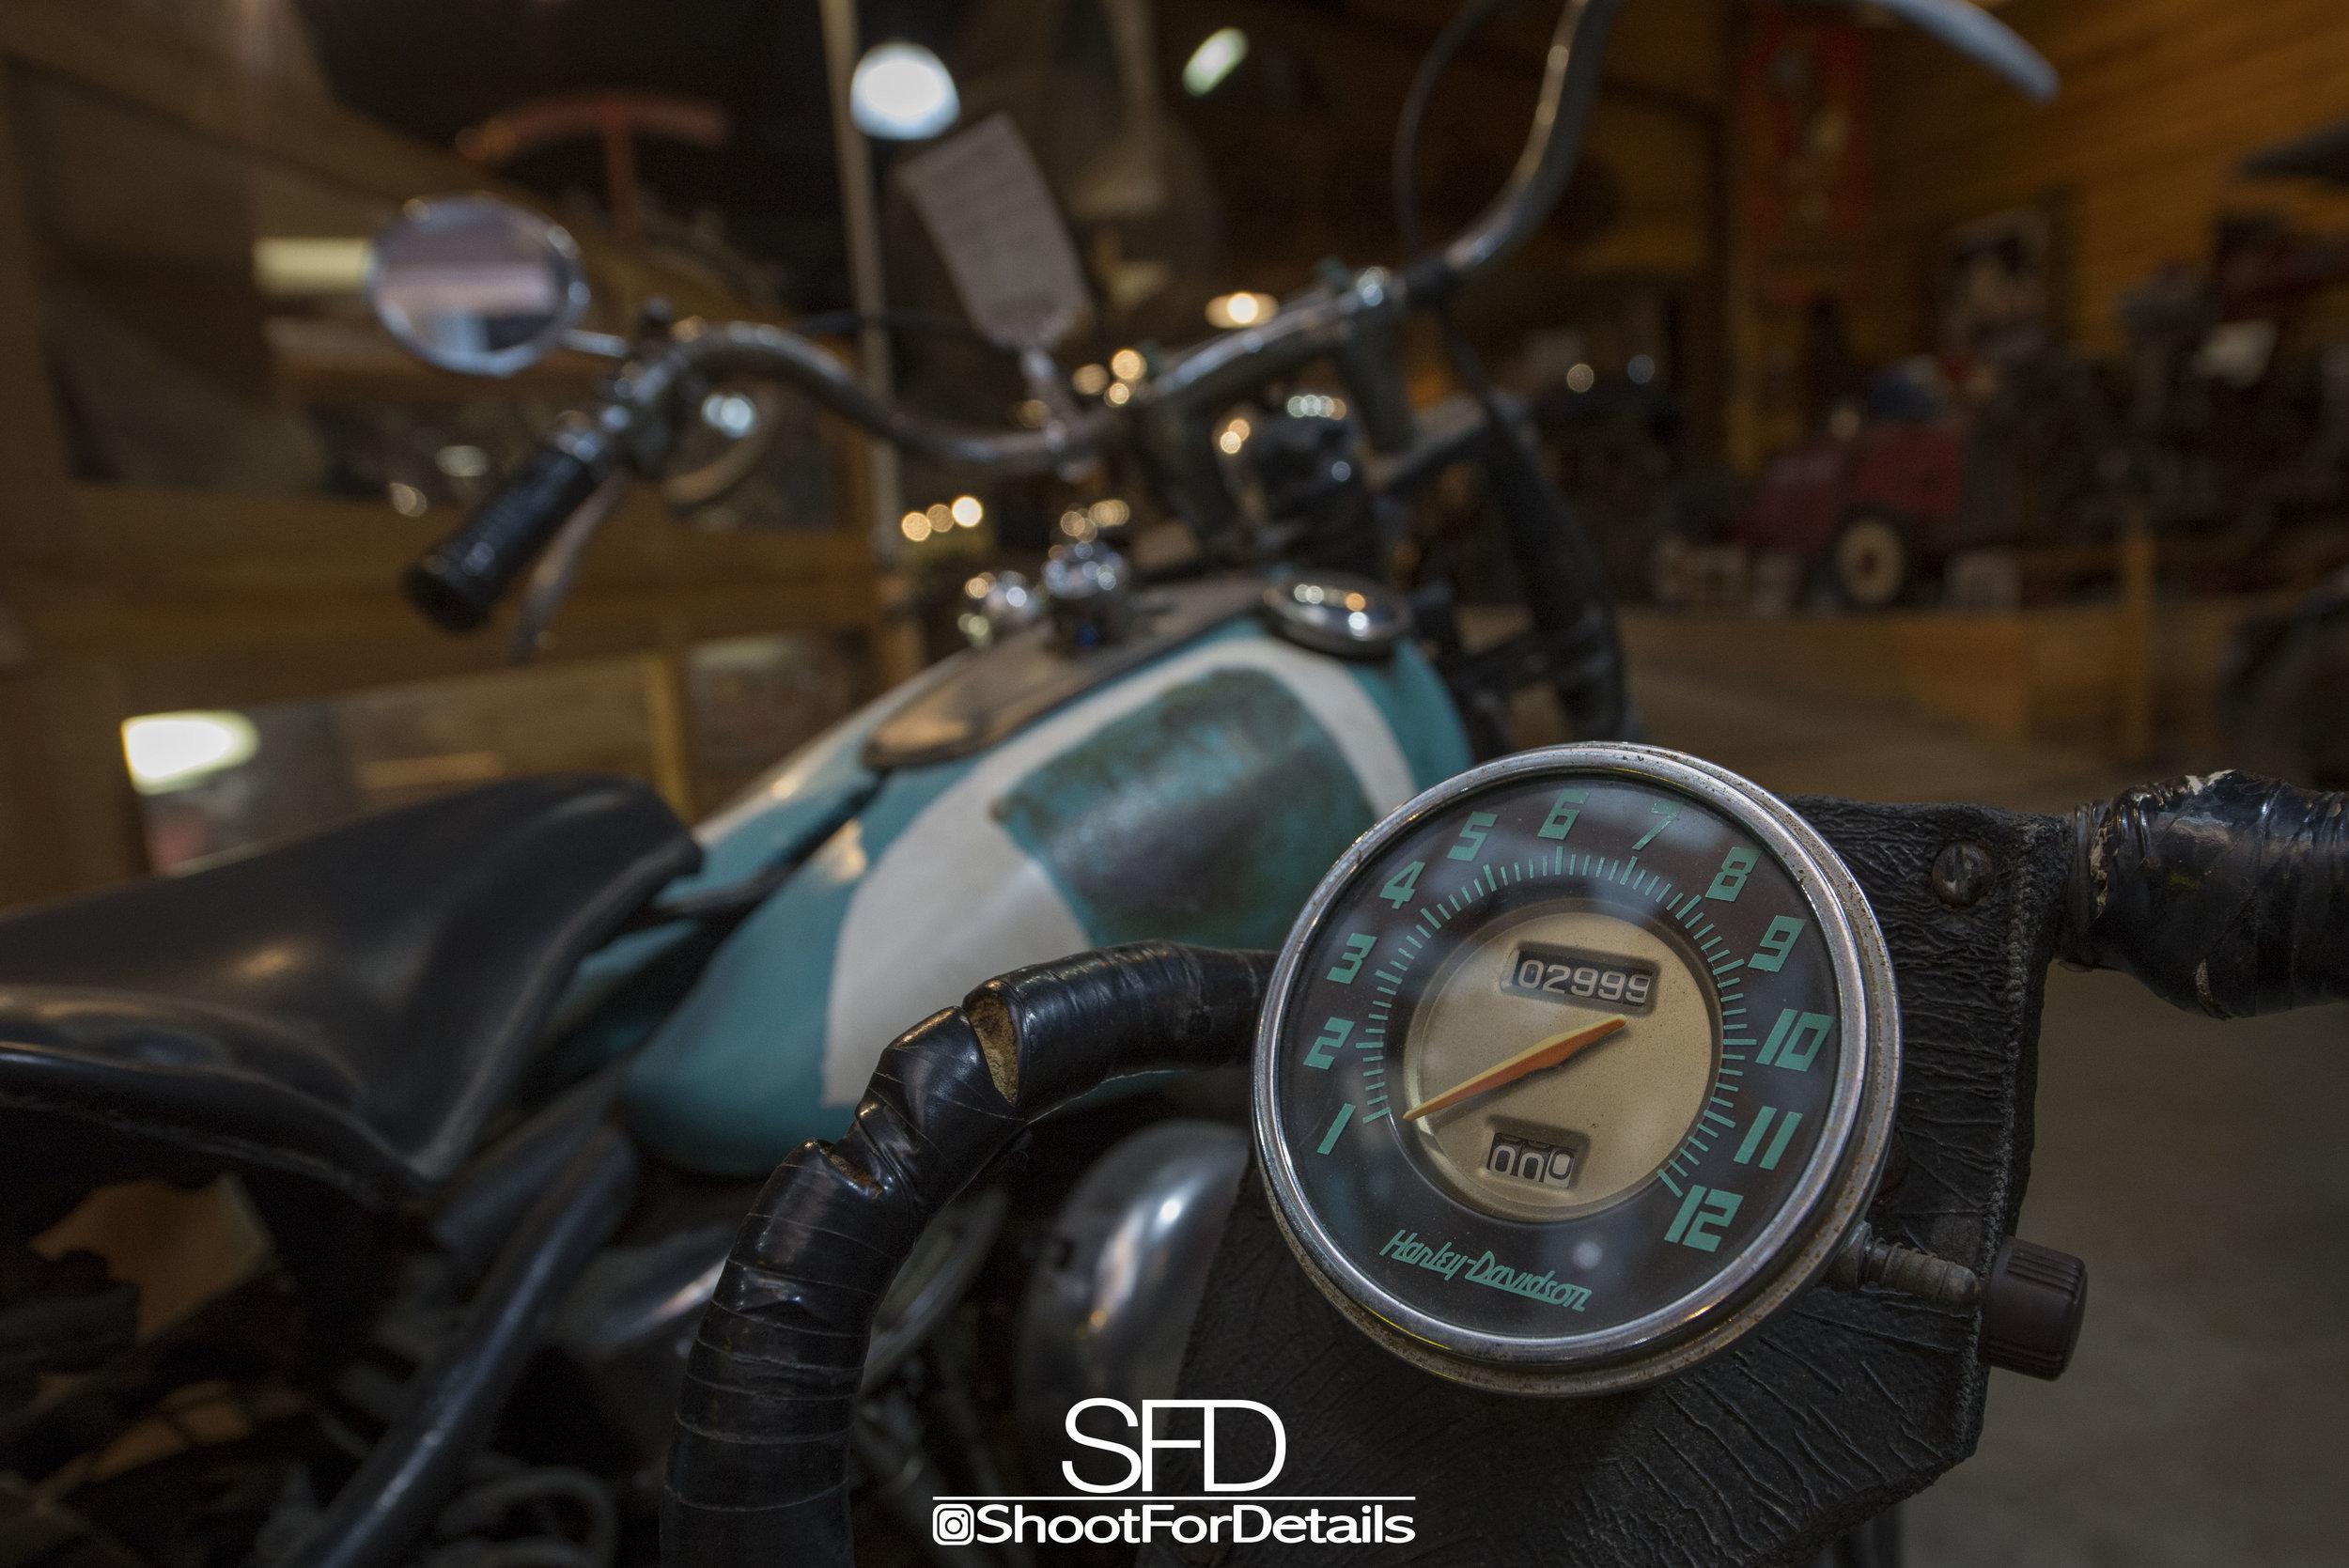 SFD_8418.jpg